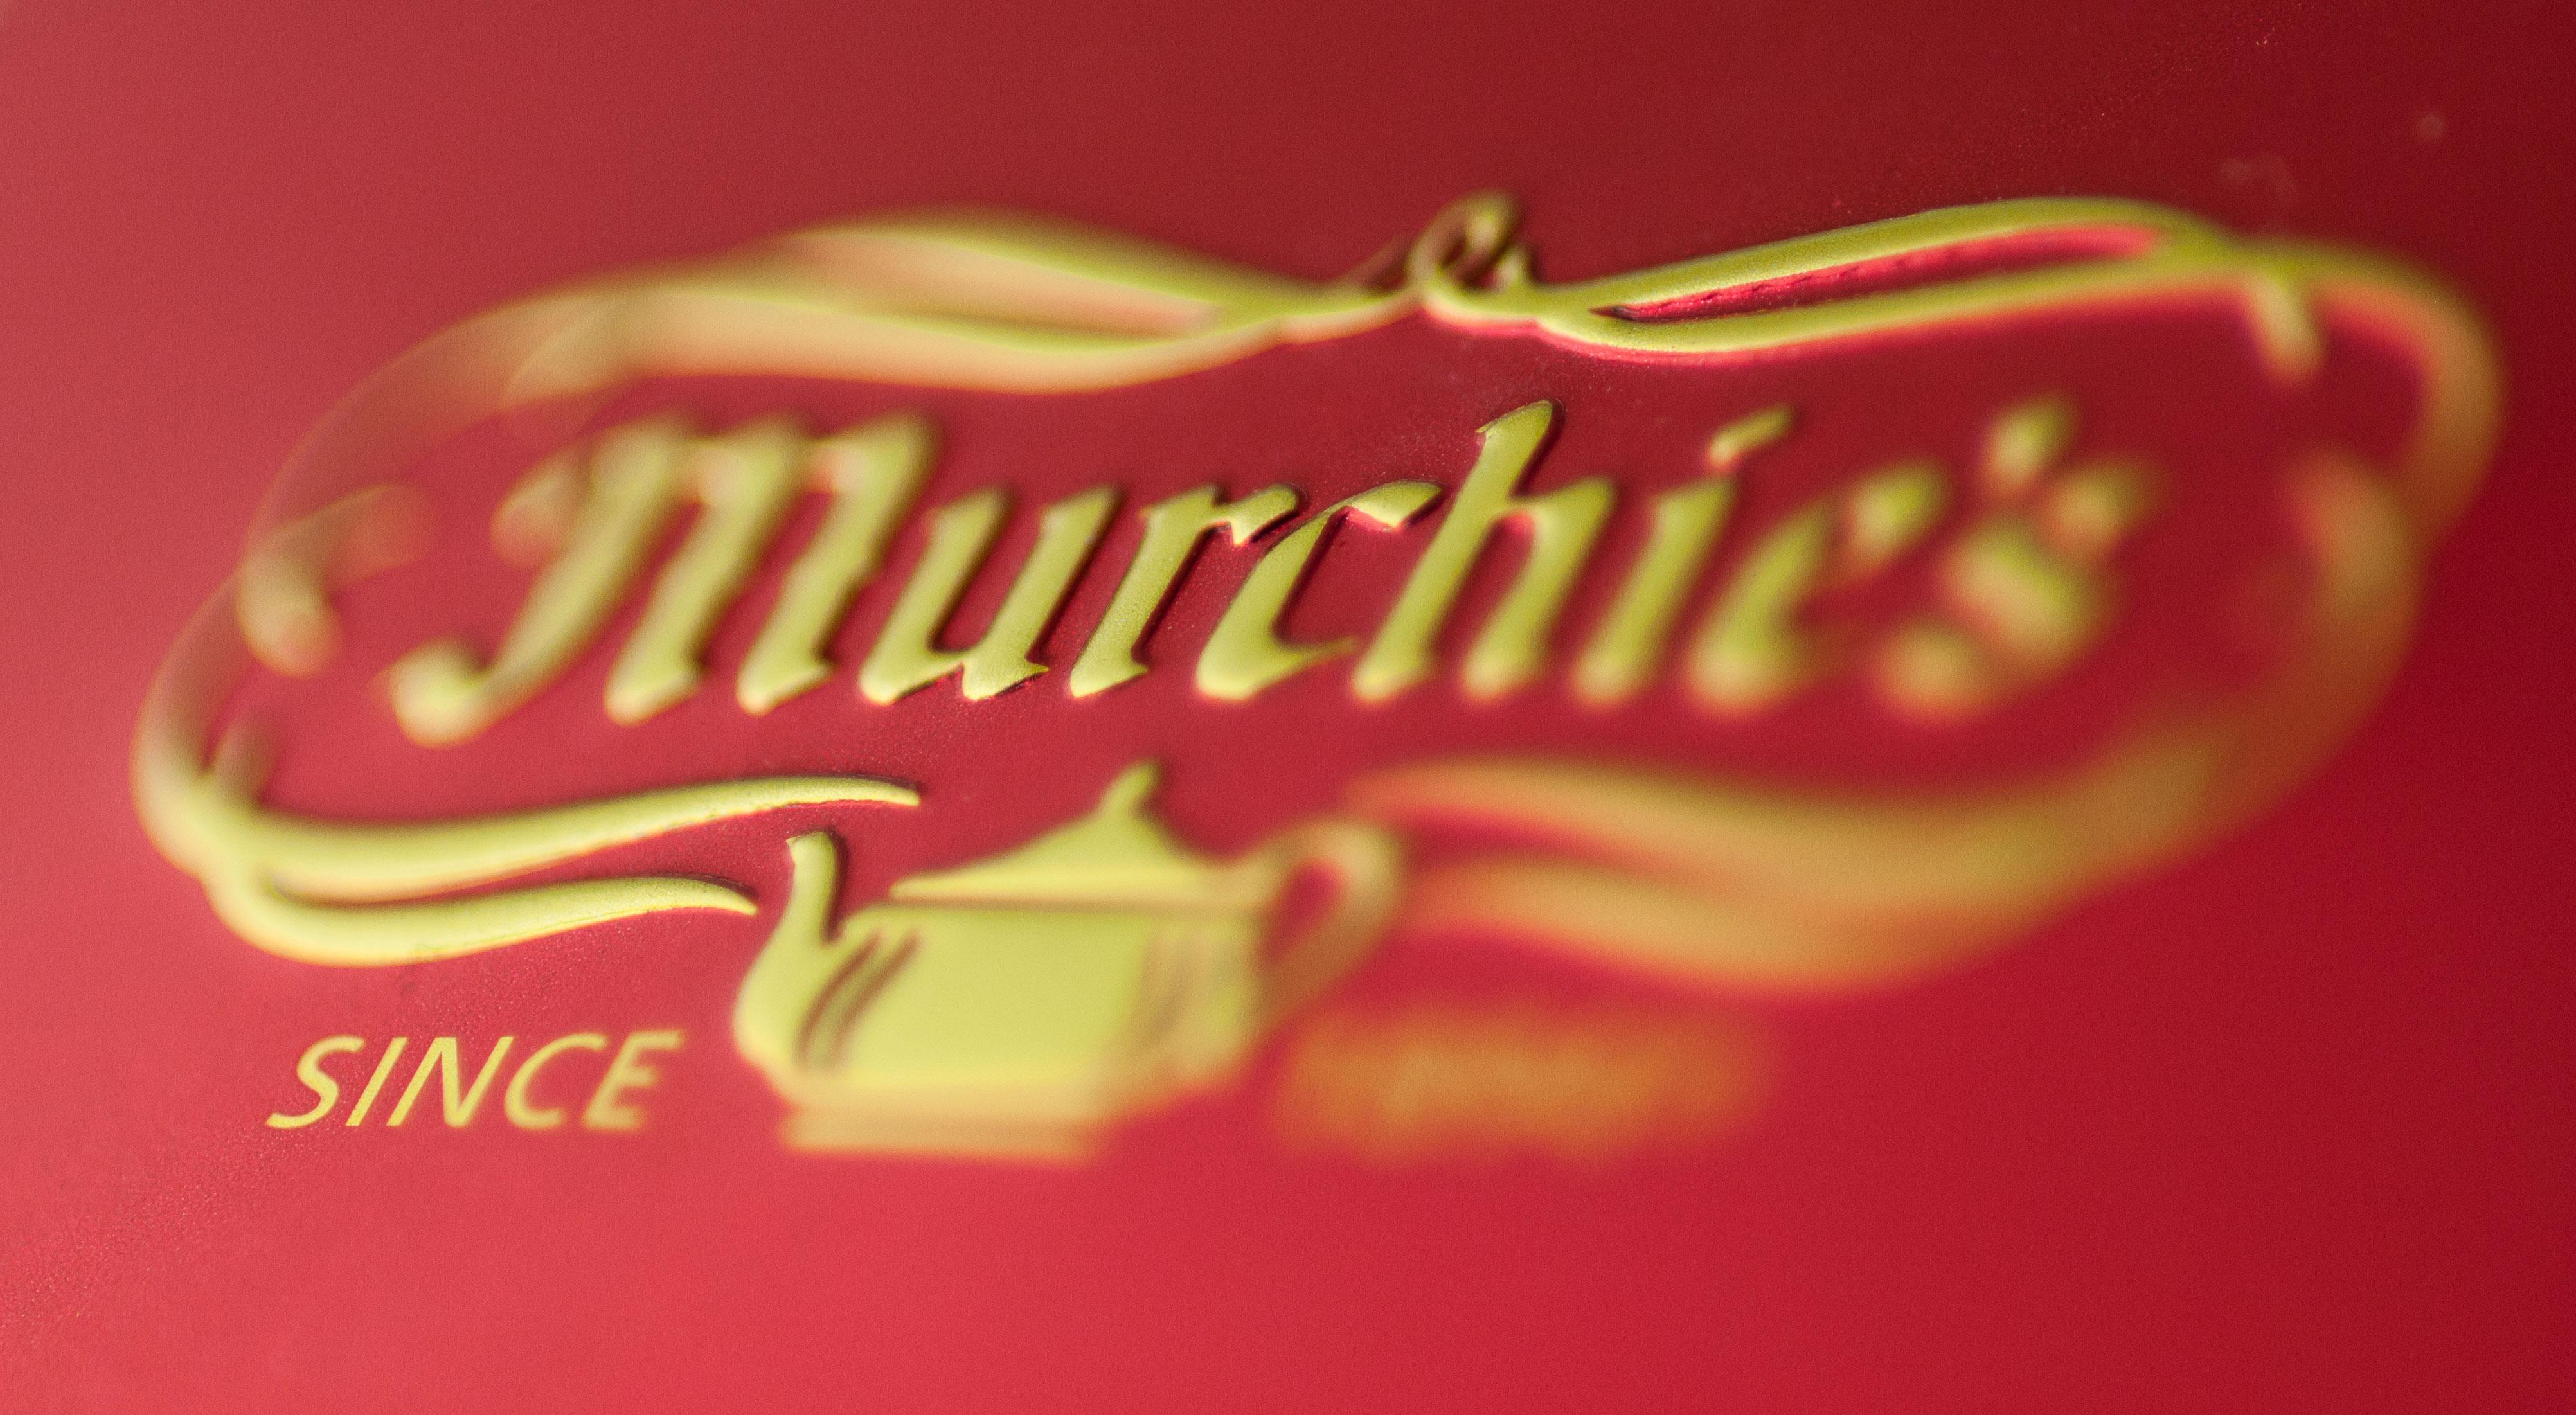 Embossed Murchies Logo on lid